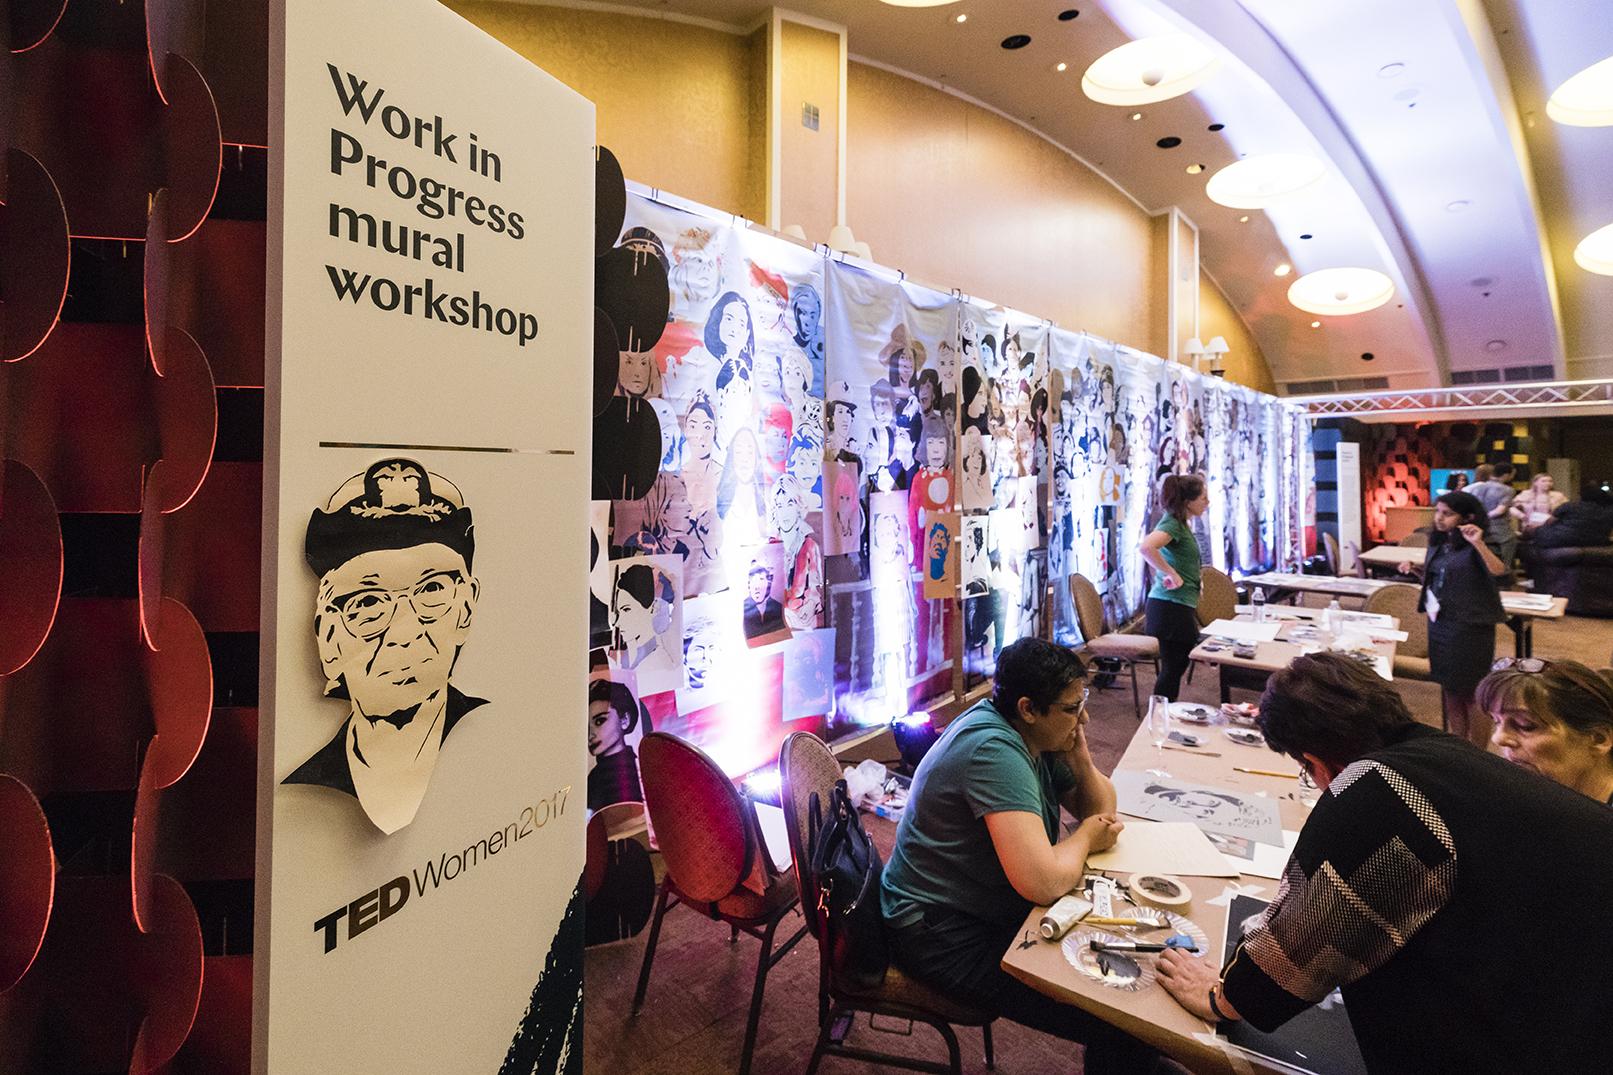 work in progress ted talk tedtalk woman women work in progress modern west fine art